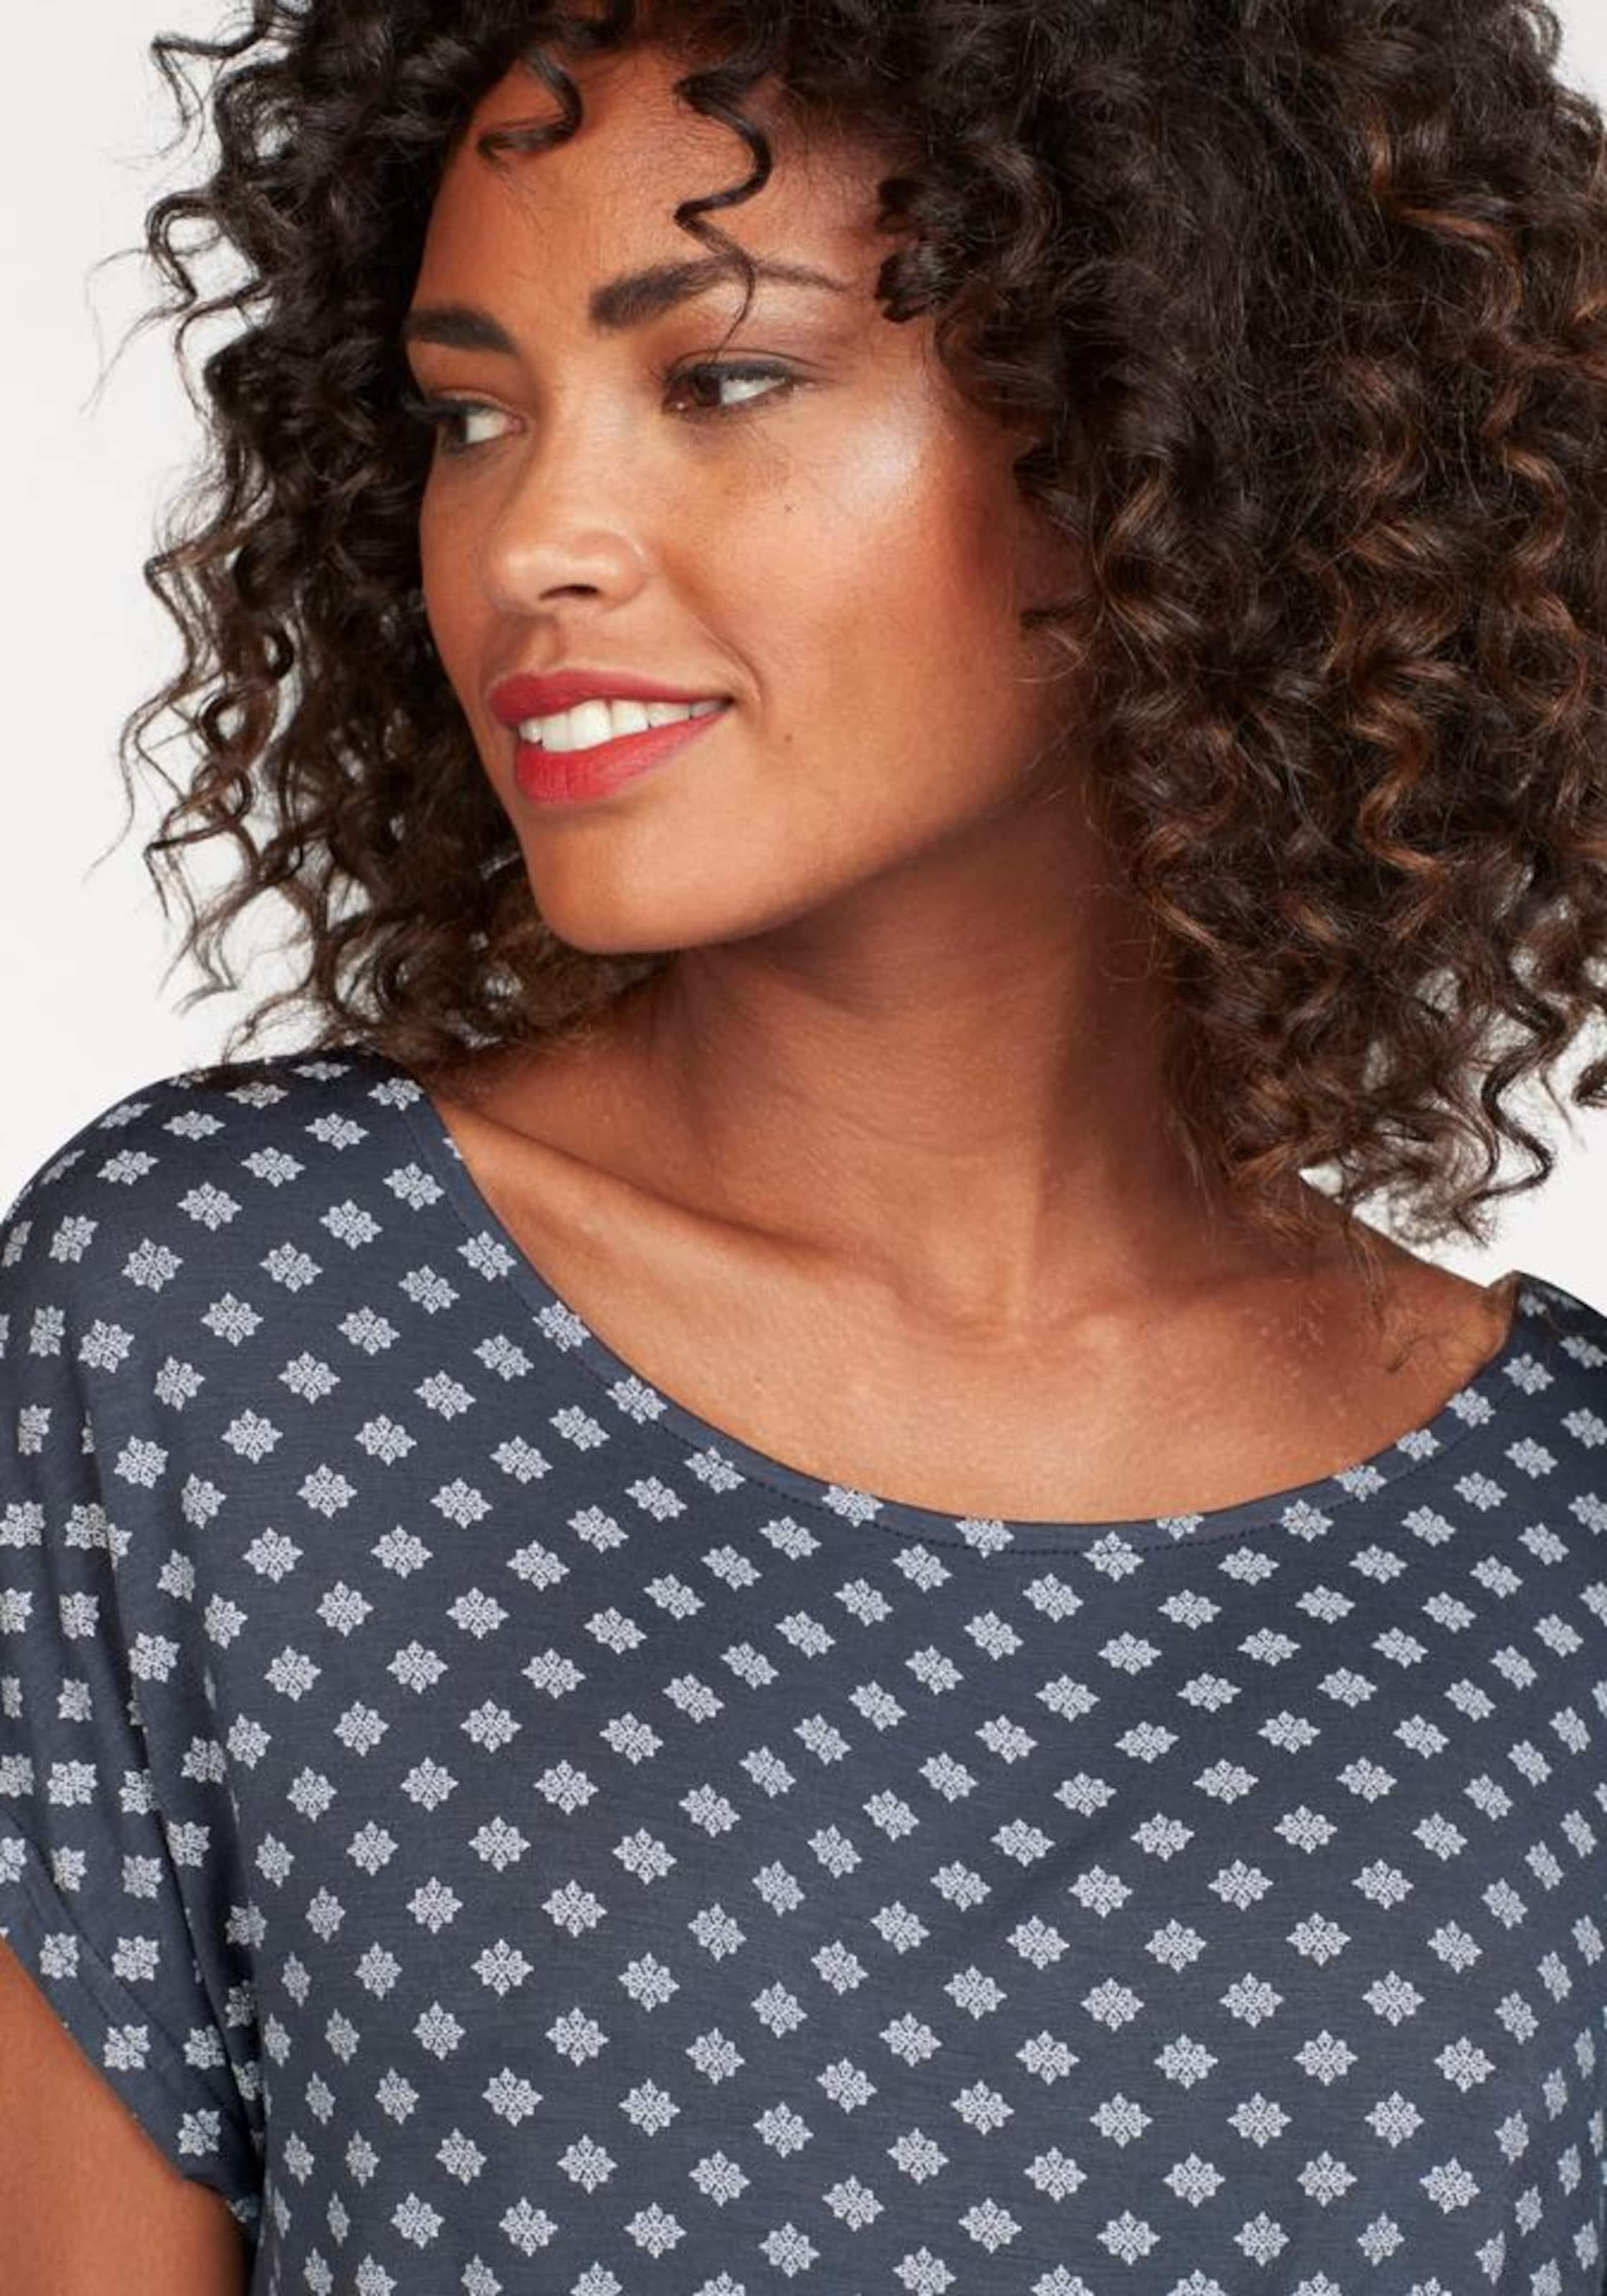 Lascana T En T shirt En MarronBlanc MarronBlanc shirt Lascana 7fgmbyvI6Y